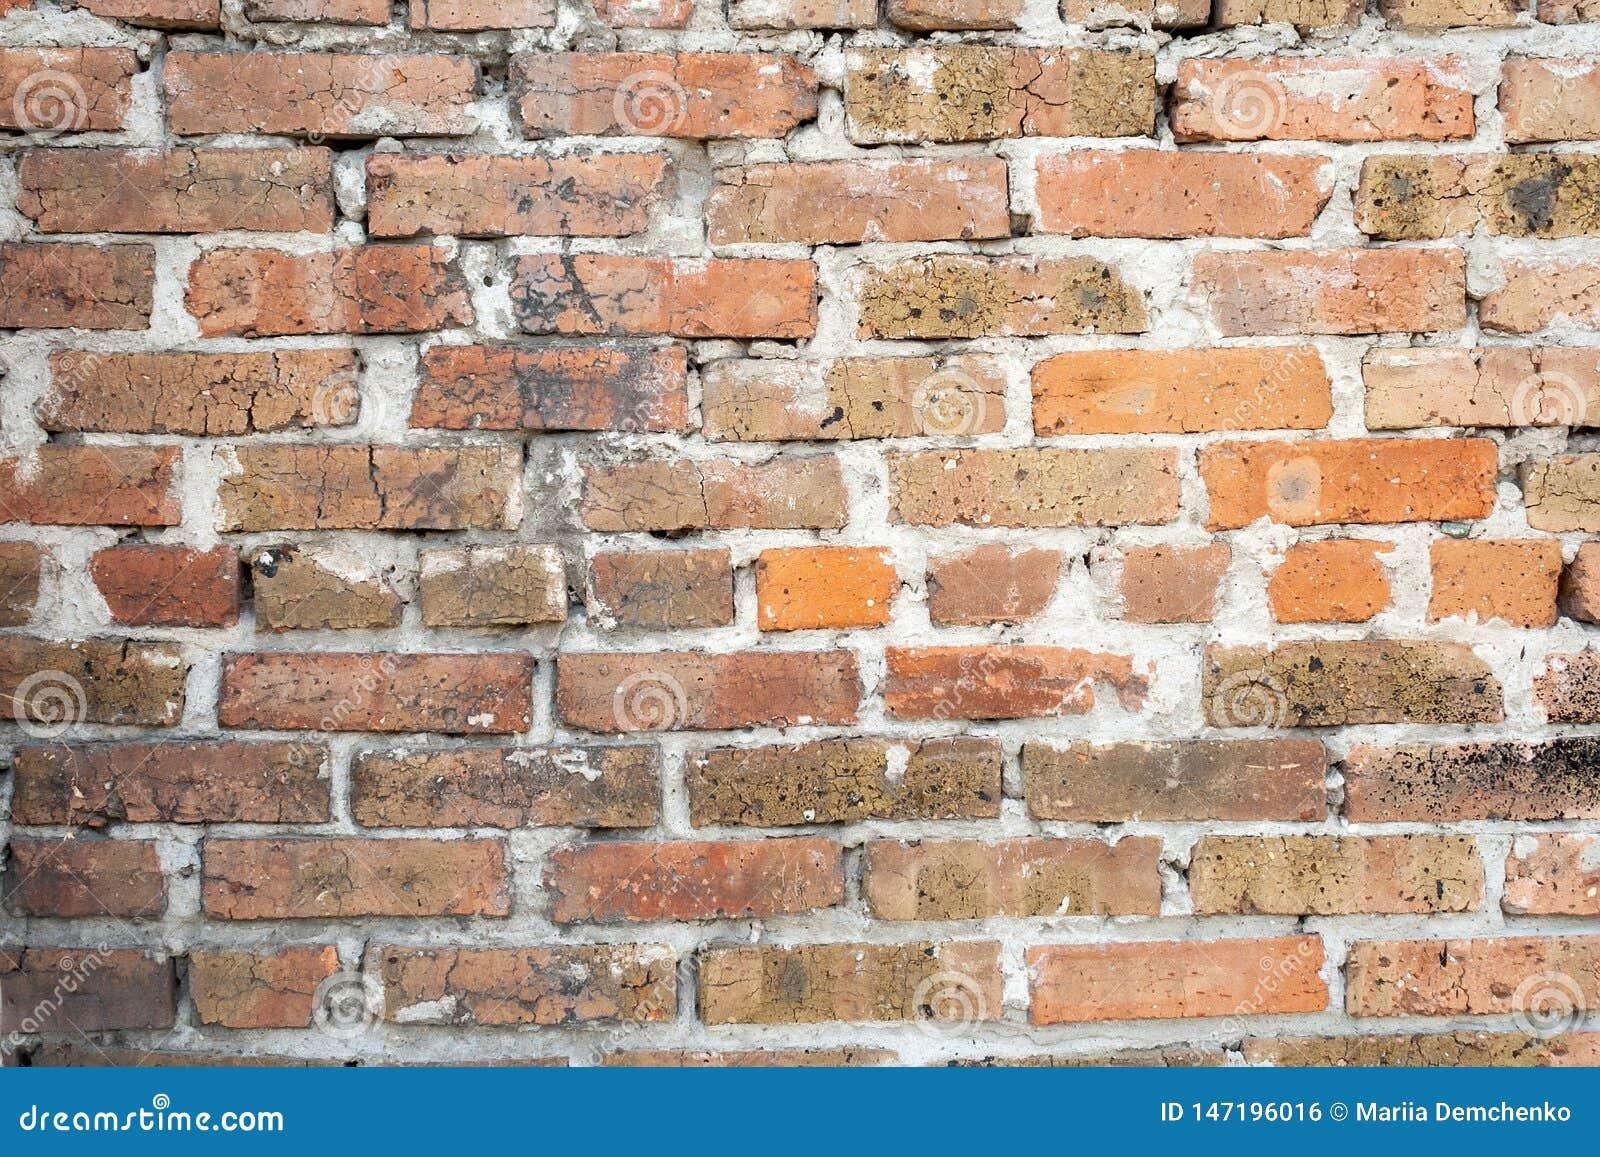 Wand des alten orange roten gebrochenen Ziegelsteines mit einer starken Schicht Zement zwischen ihnen